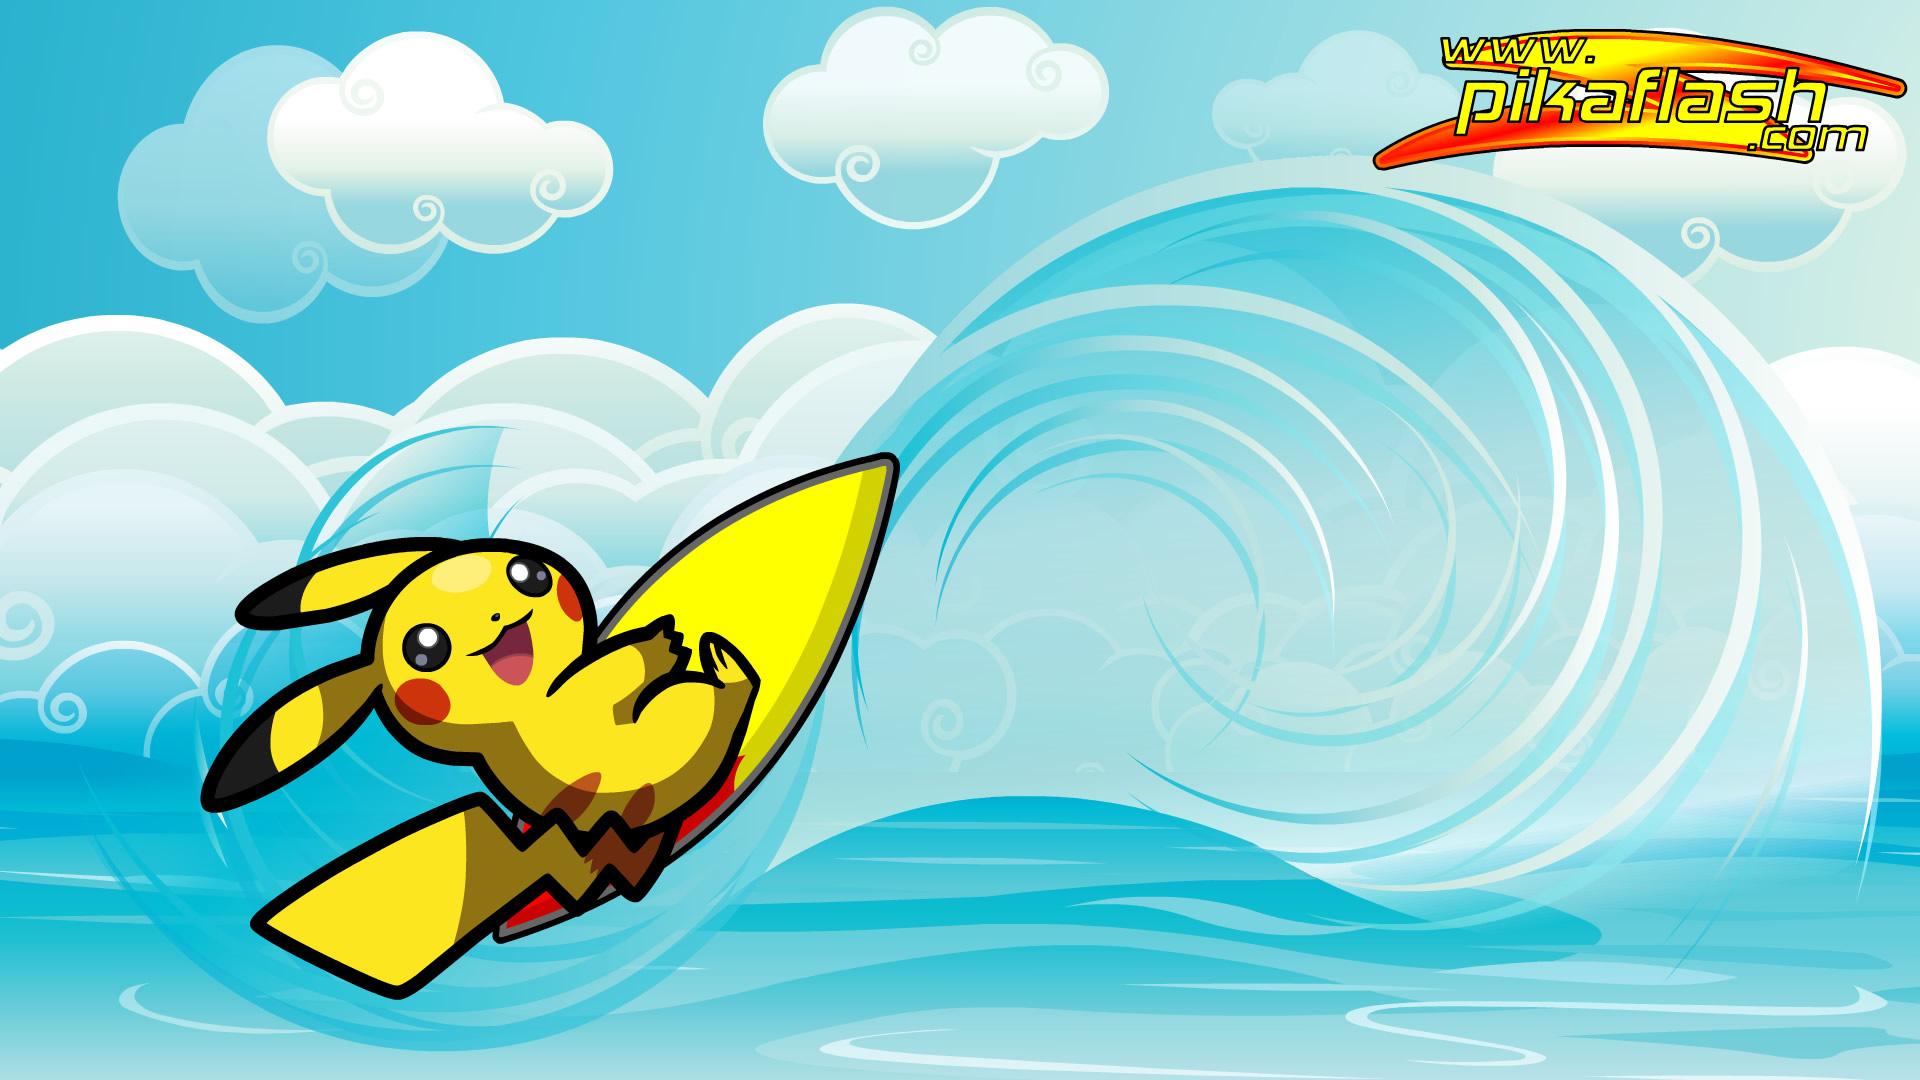 ピカチュウ surfing